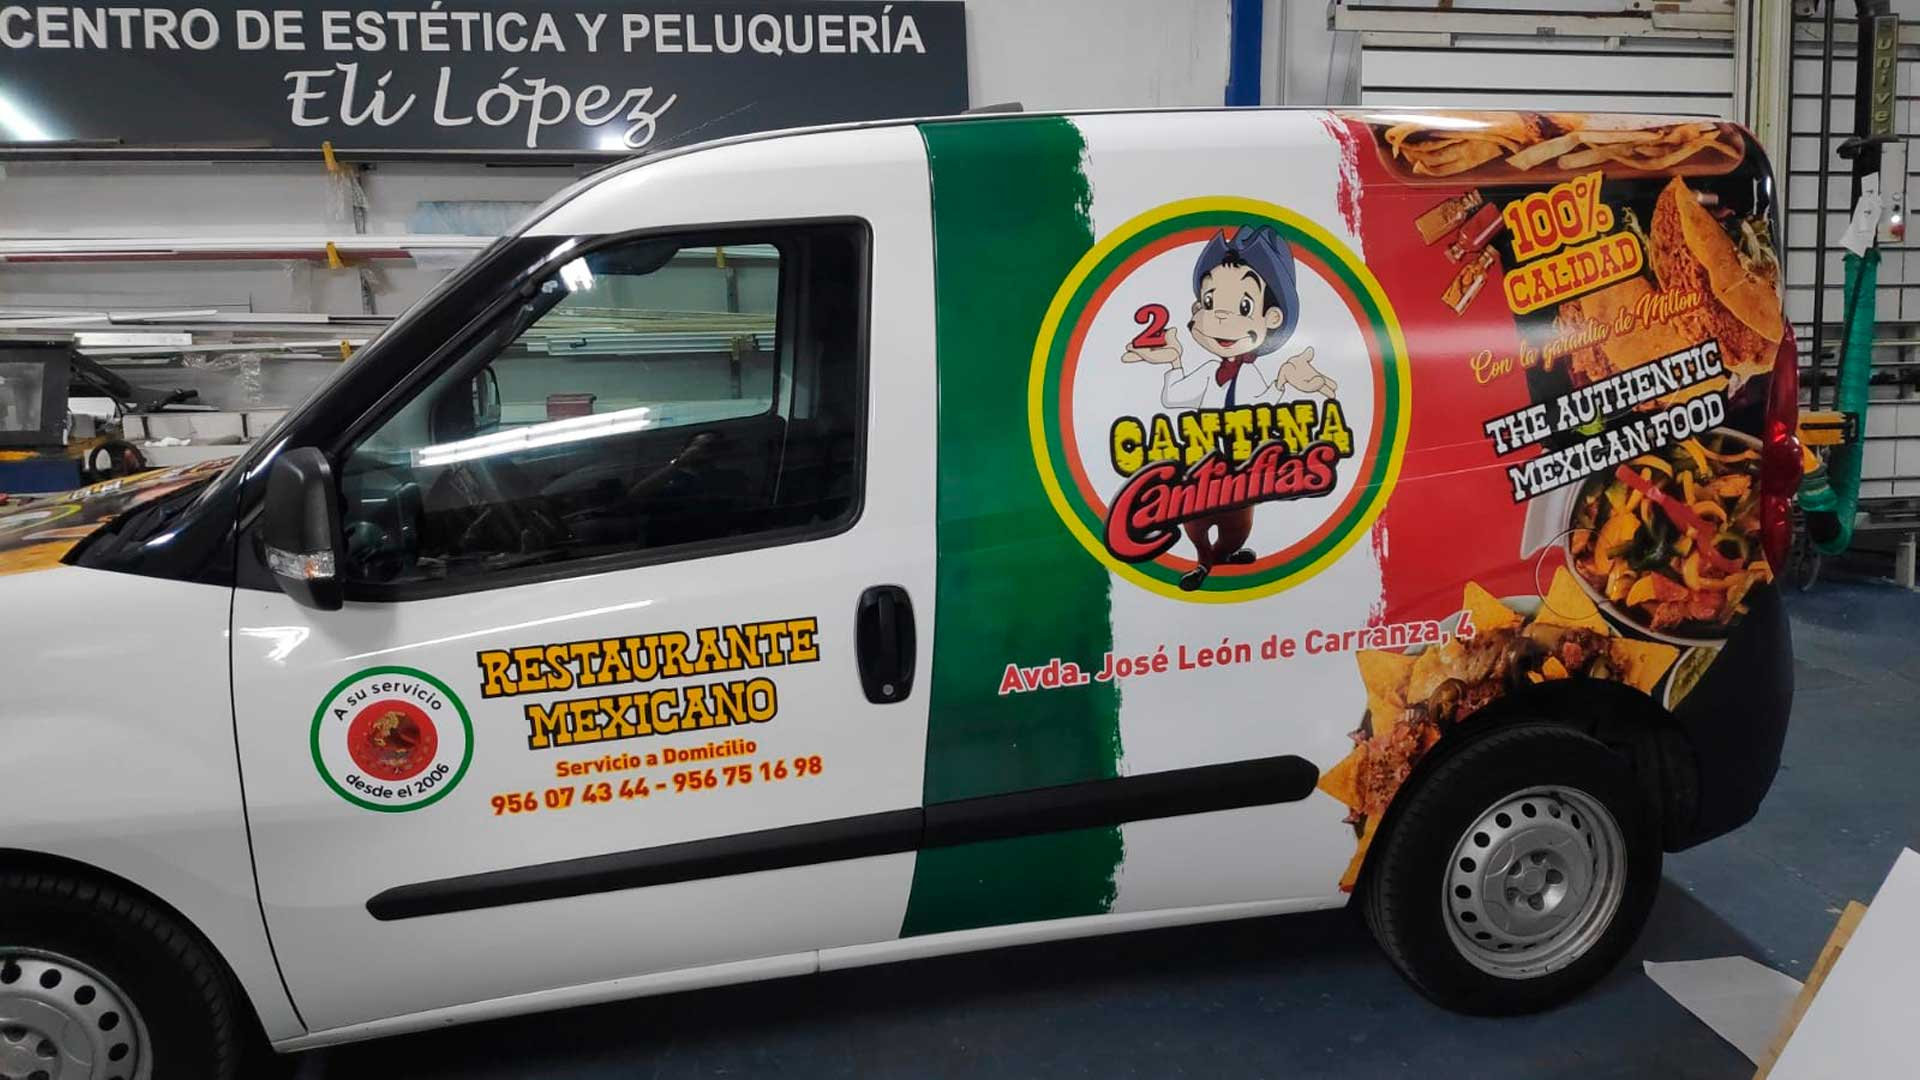 Rotulación vehículo Cantina Cantinflas de Cádiz